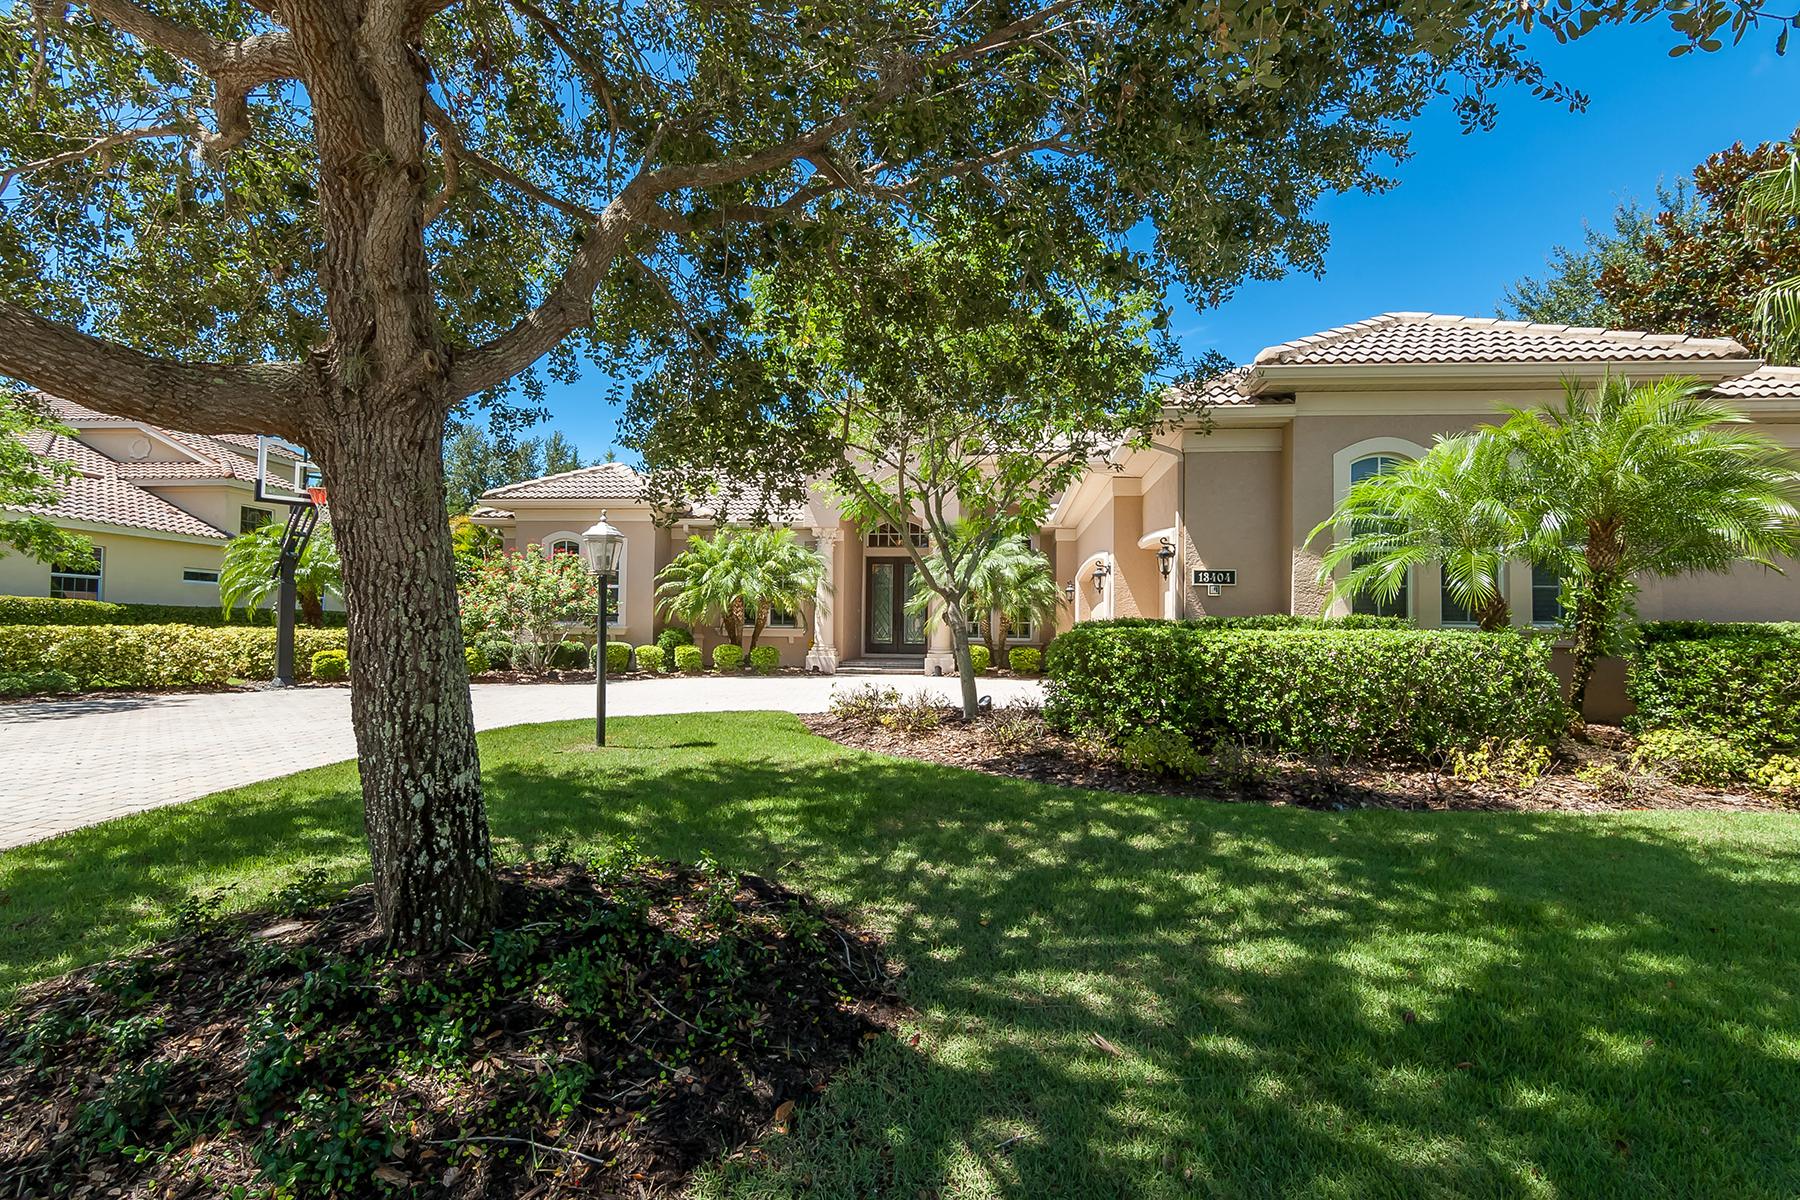 独户住宅 为 销售 在 LAKEWOOD RANCH COUNTRY CLUB 13404 Kildare Pl 莱克伍德牧场, 佛罗里达州, 34202 美国